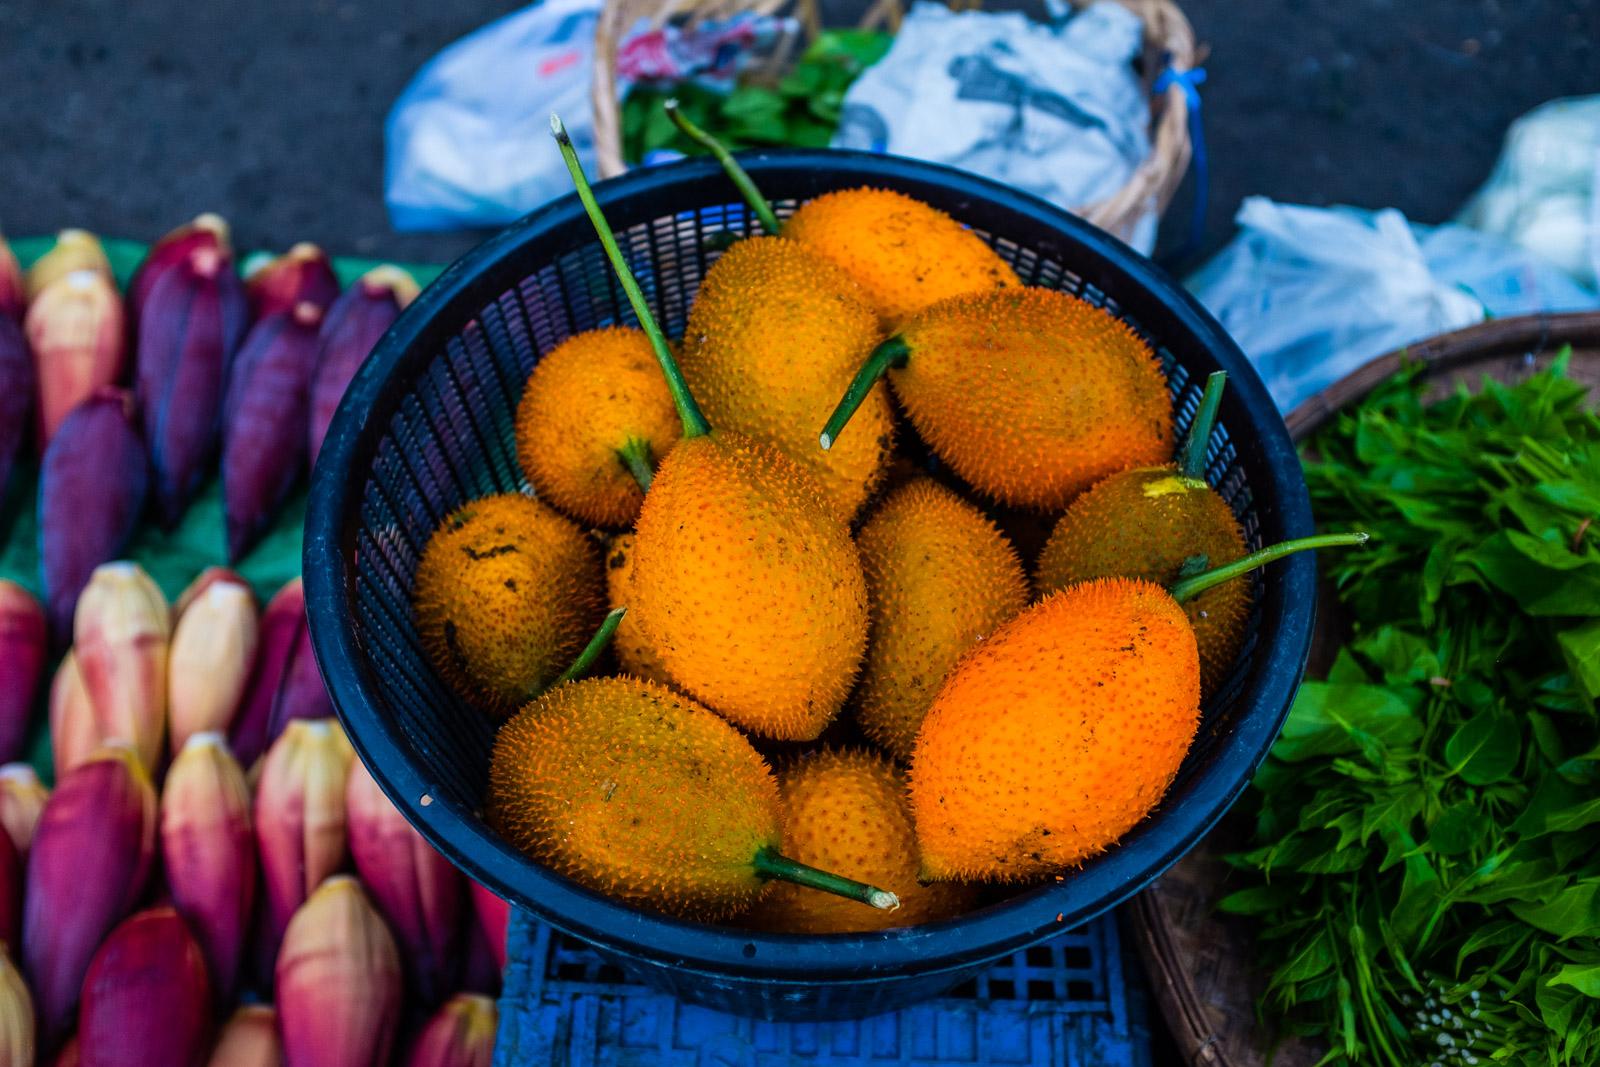 Weird orange fruit